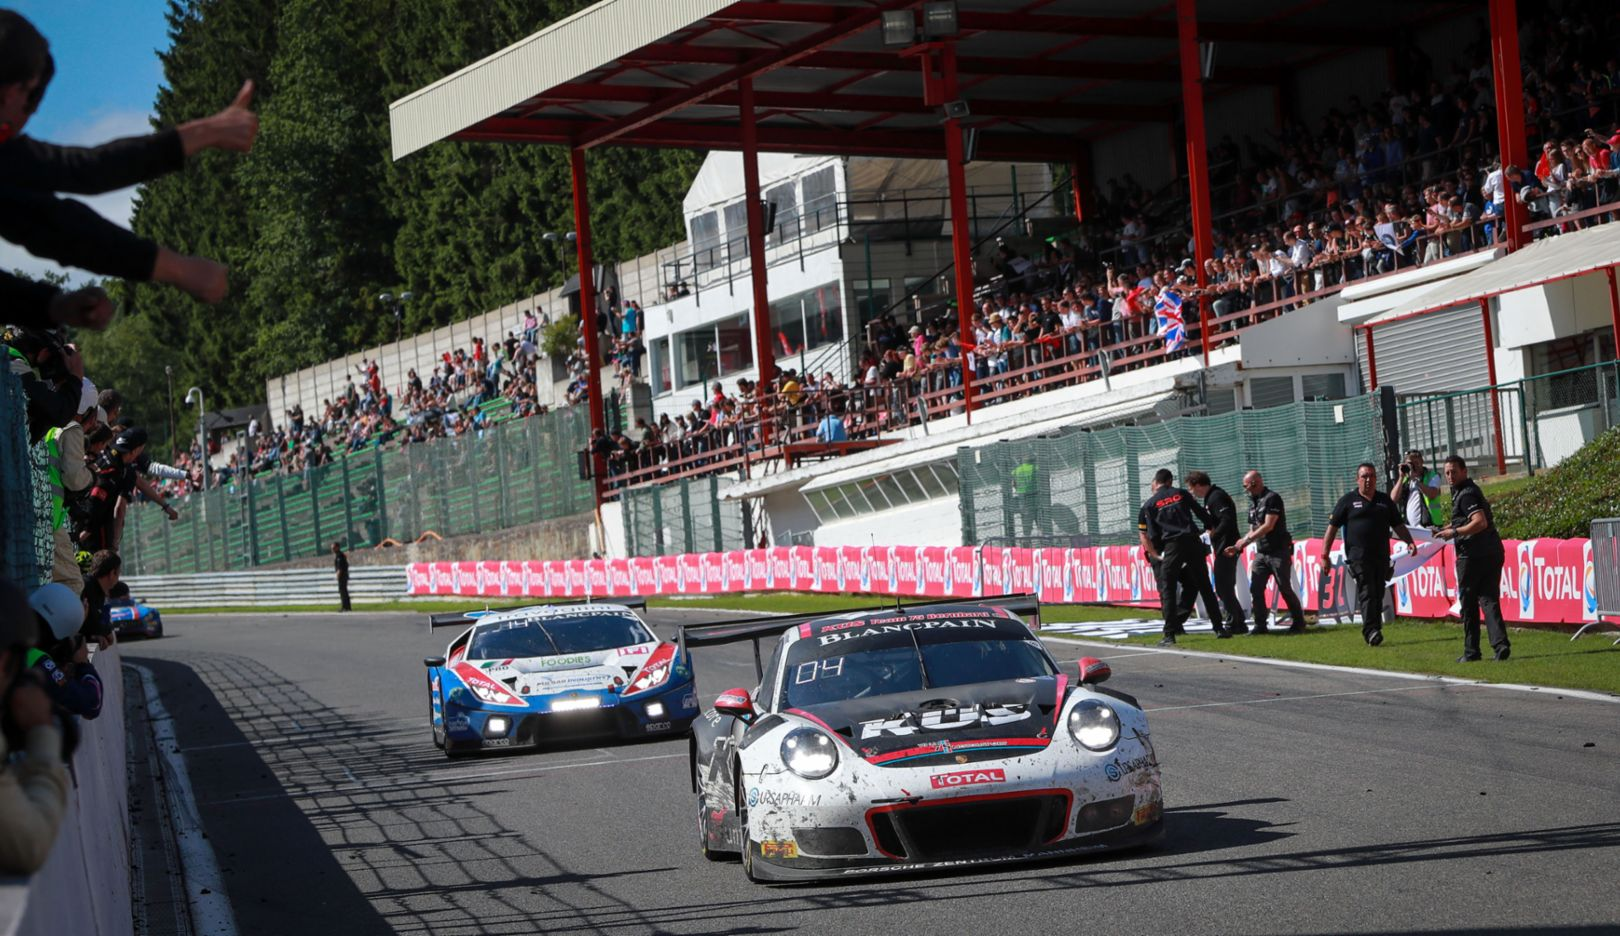 911 GT3 R (117), KÜS Team75 Bernhard, Race, 24 hours of Spa, 2017, Porsche AG